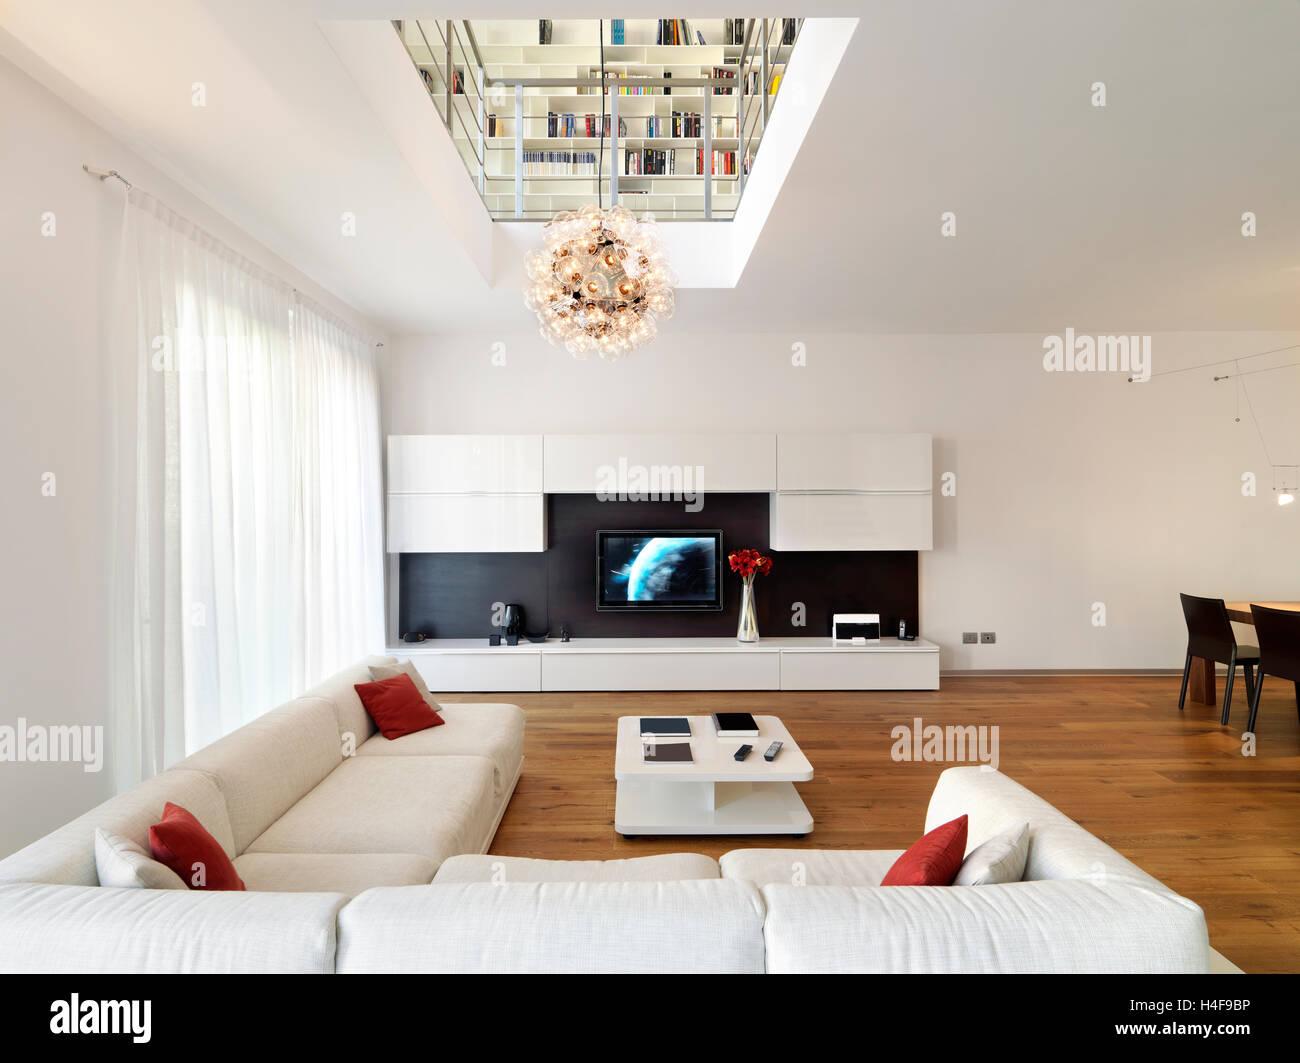 Anspruchsvoll Bodenbelag Wohnzimmer Dekoration Von Innenansicht Der Moderne Im Vordergrund Das Sofa